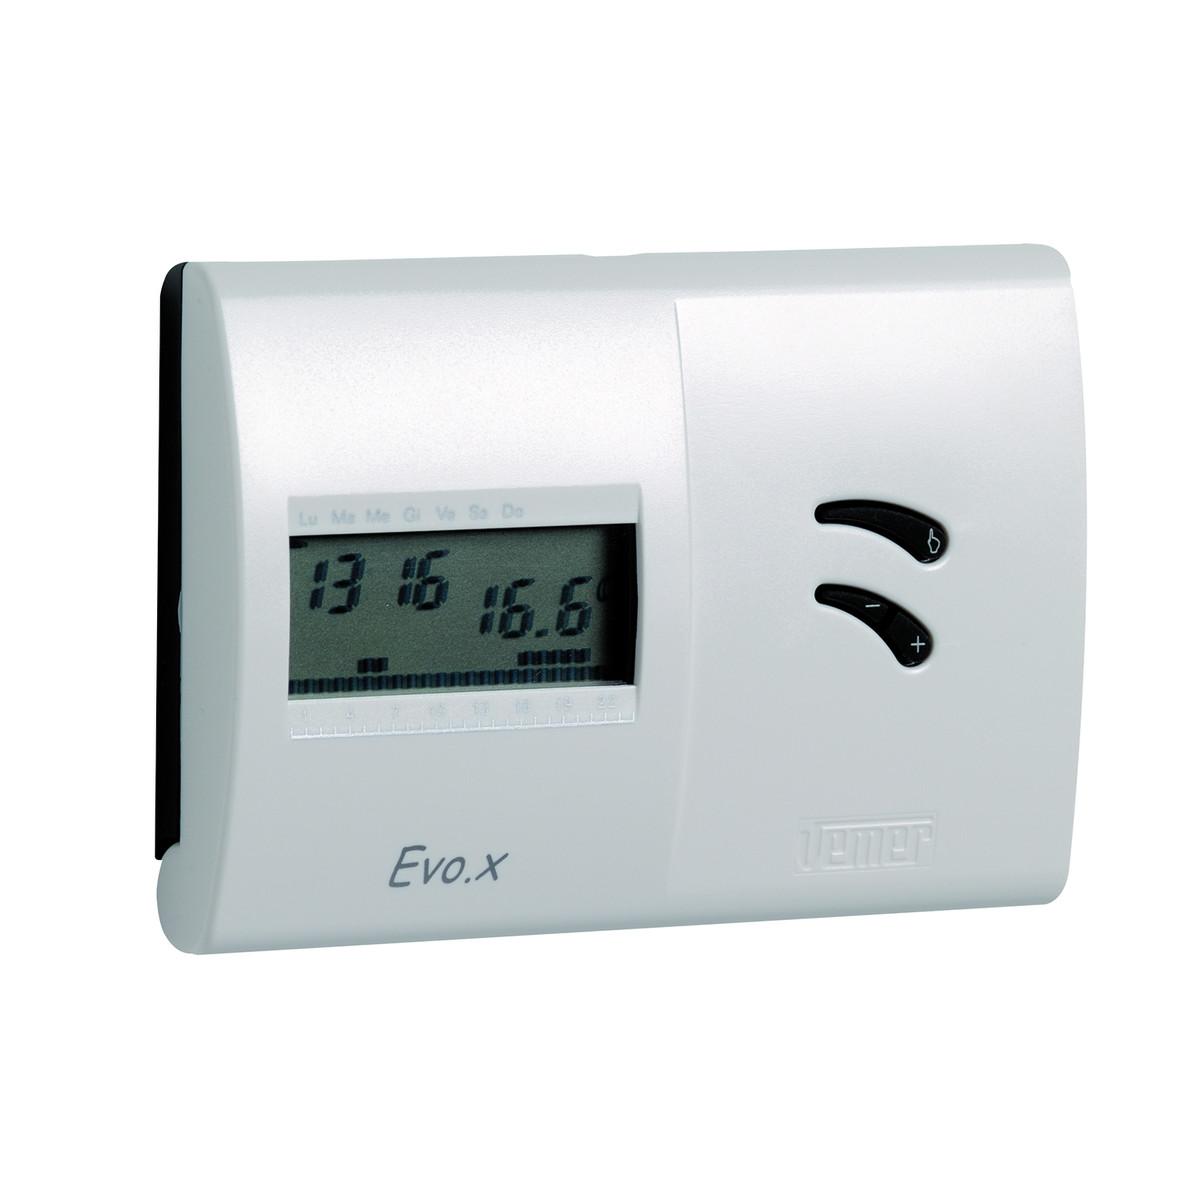 Vemer ve267100 keo b lcd termostato elettronico prezzo e for Termostato ambiente vemer